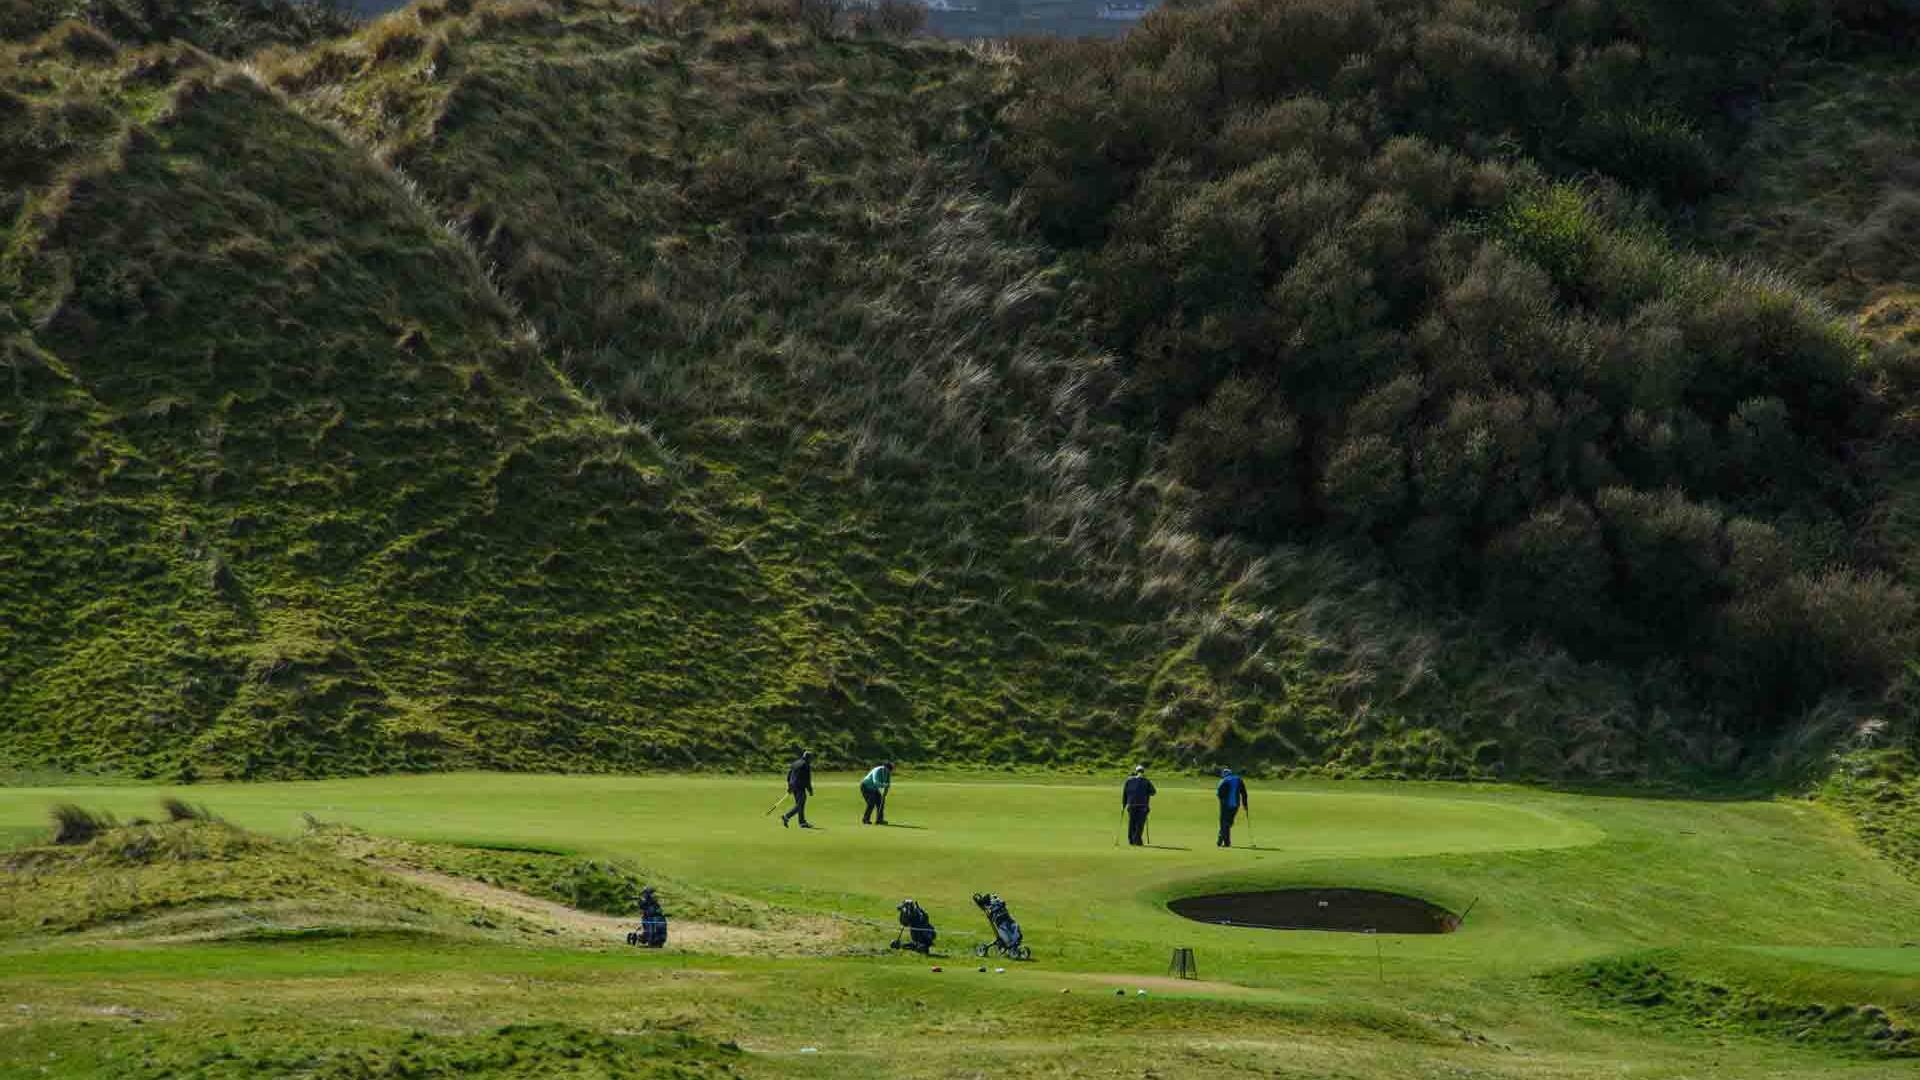 Portstewart Golf Club, 3rd hole, Northern Ireland